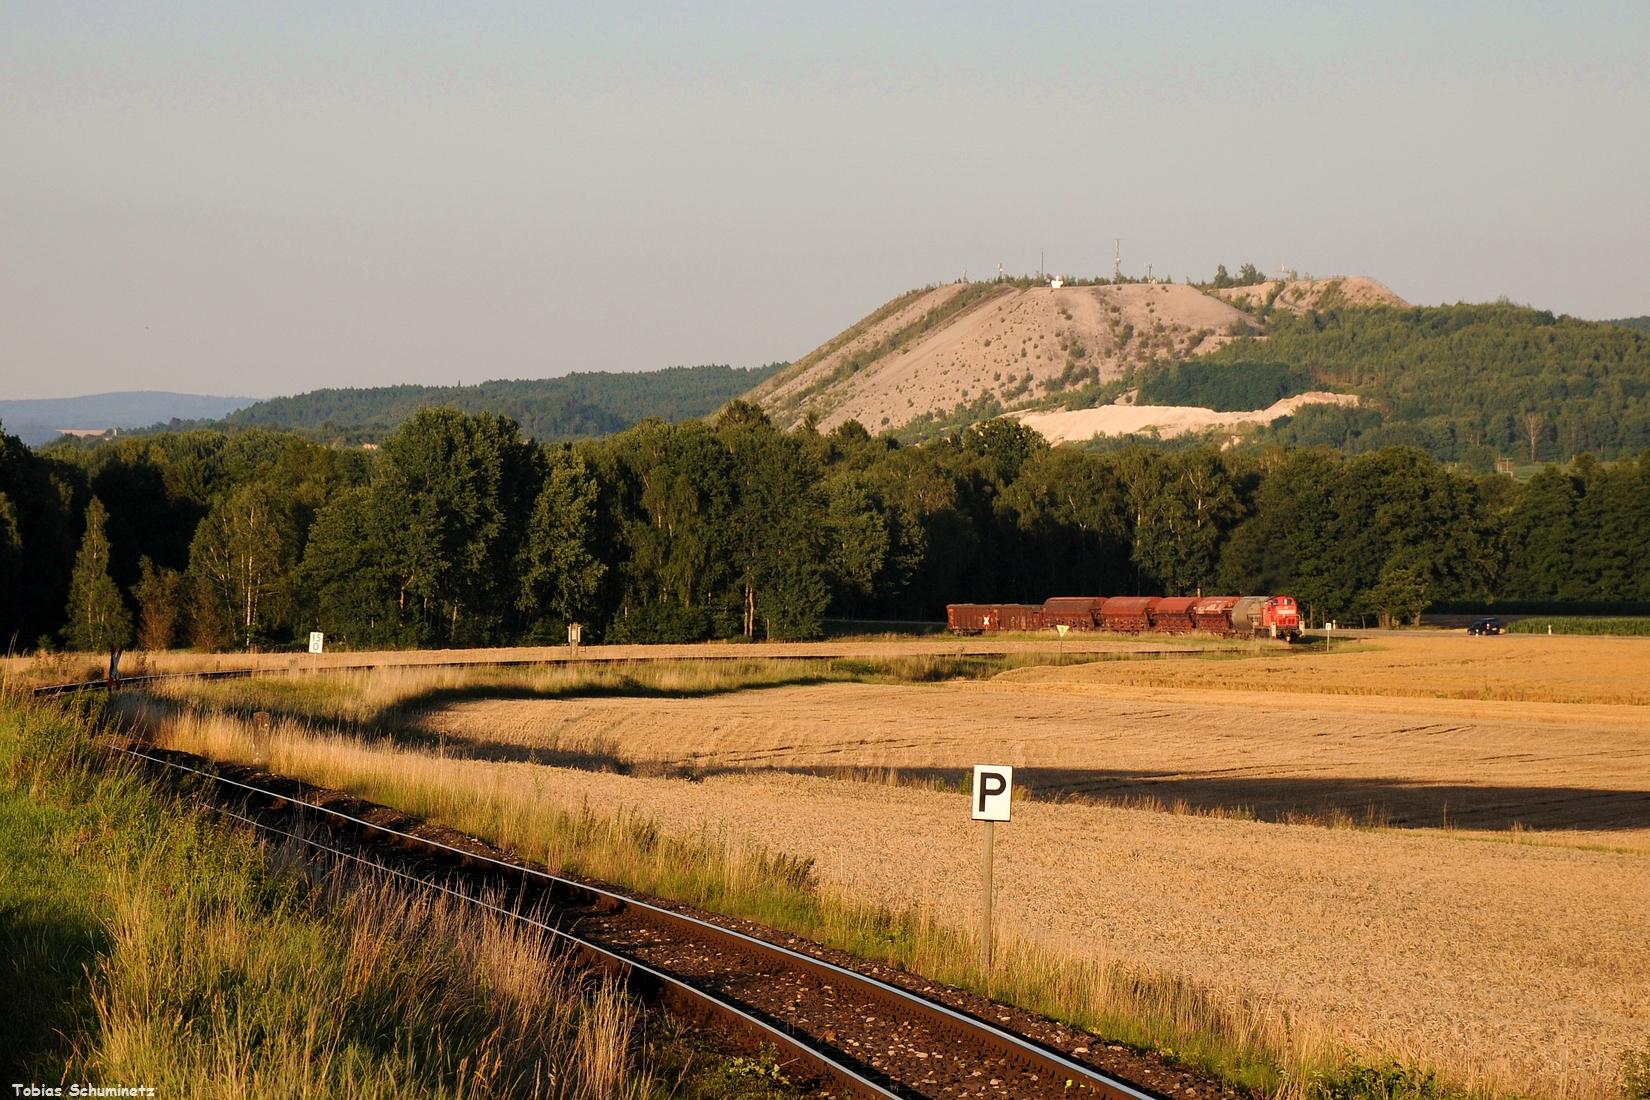 Auch am Abend des 13.07.2017 wollte ich etwas neues ausprobieren. Am Monteblick habe ich die Televersion mal so variiert, dass man die Strecke noch im Vordergrund hat. 294 612 beschleunigt ihren Zug aus Hirschau heraus und nimmt Anlauf für die anstregende Bergfahrt.